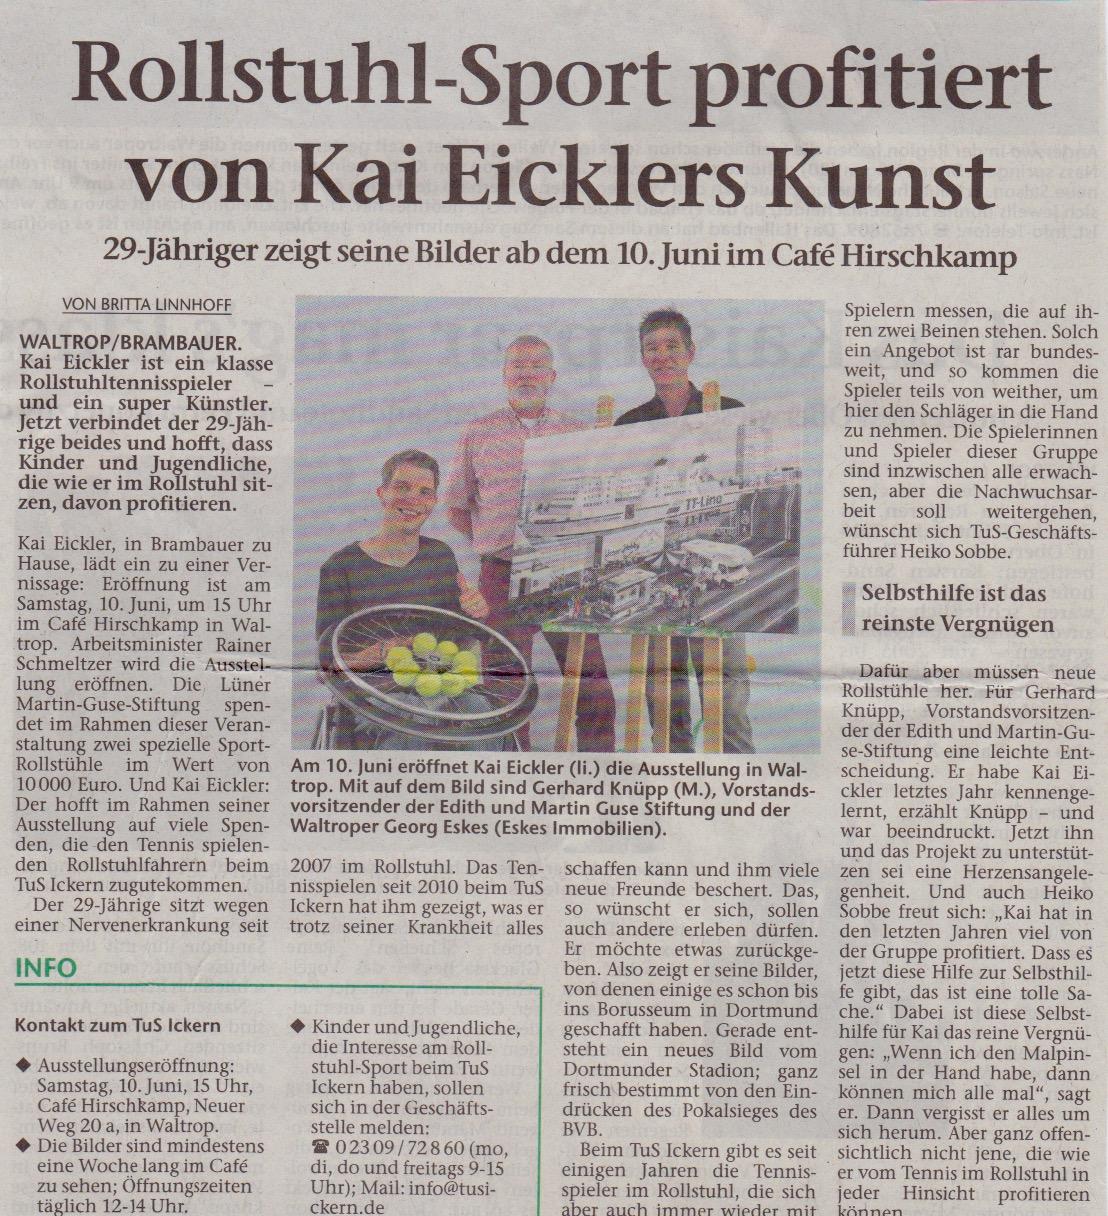 01_Sportrollstuehle_W